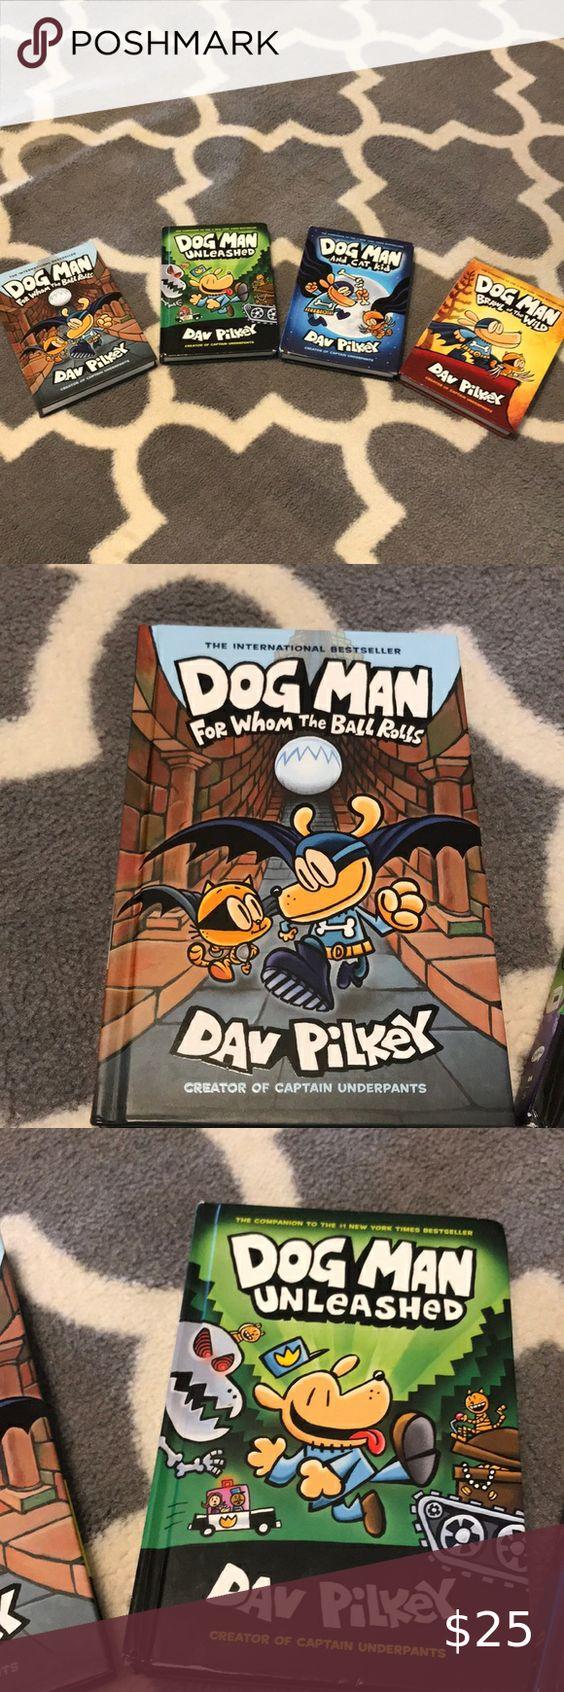 Dog Man Books Dog Man Book Dog Man Unleashed Dogs